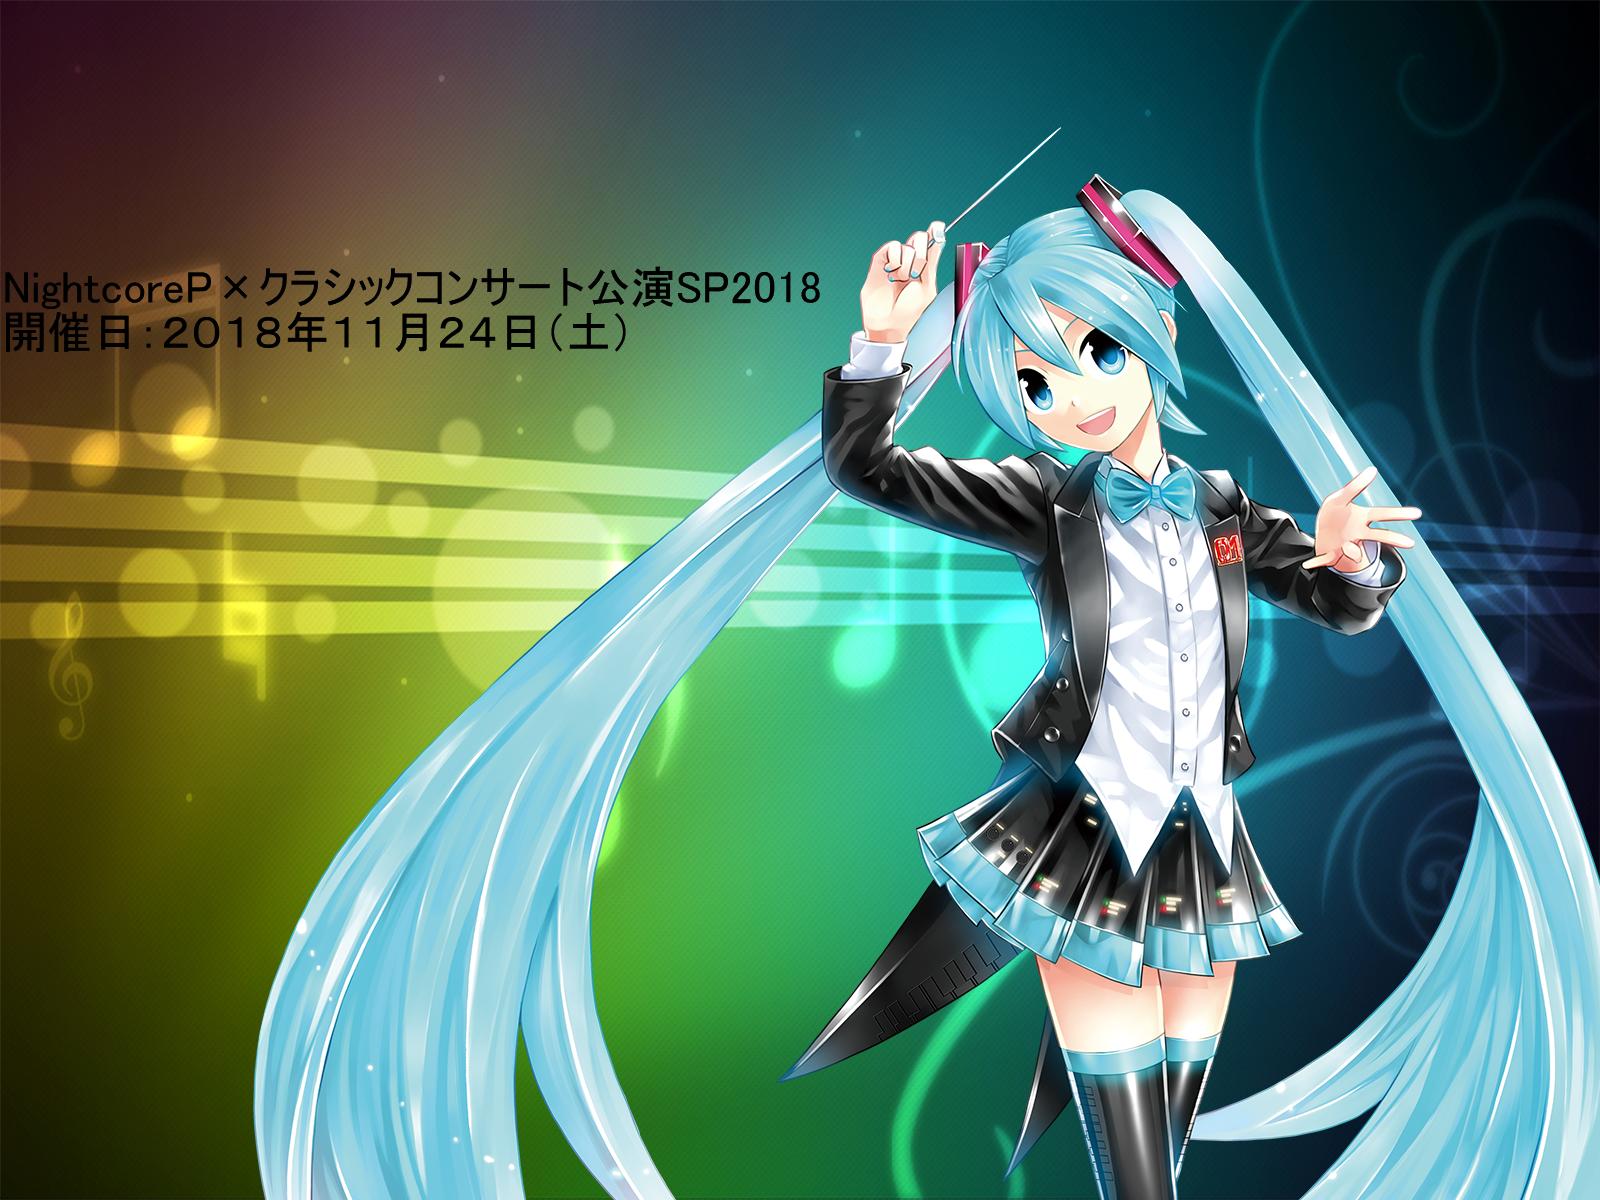 Art ID: 116543